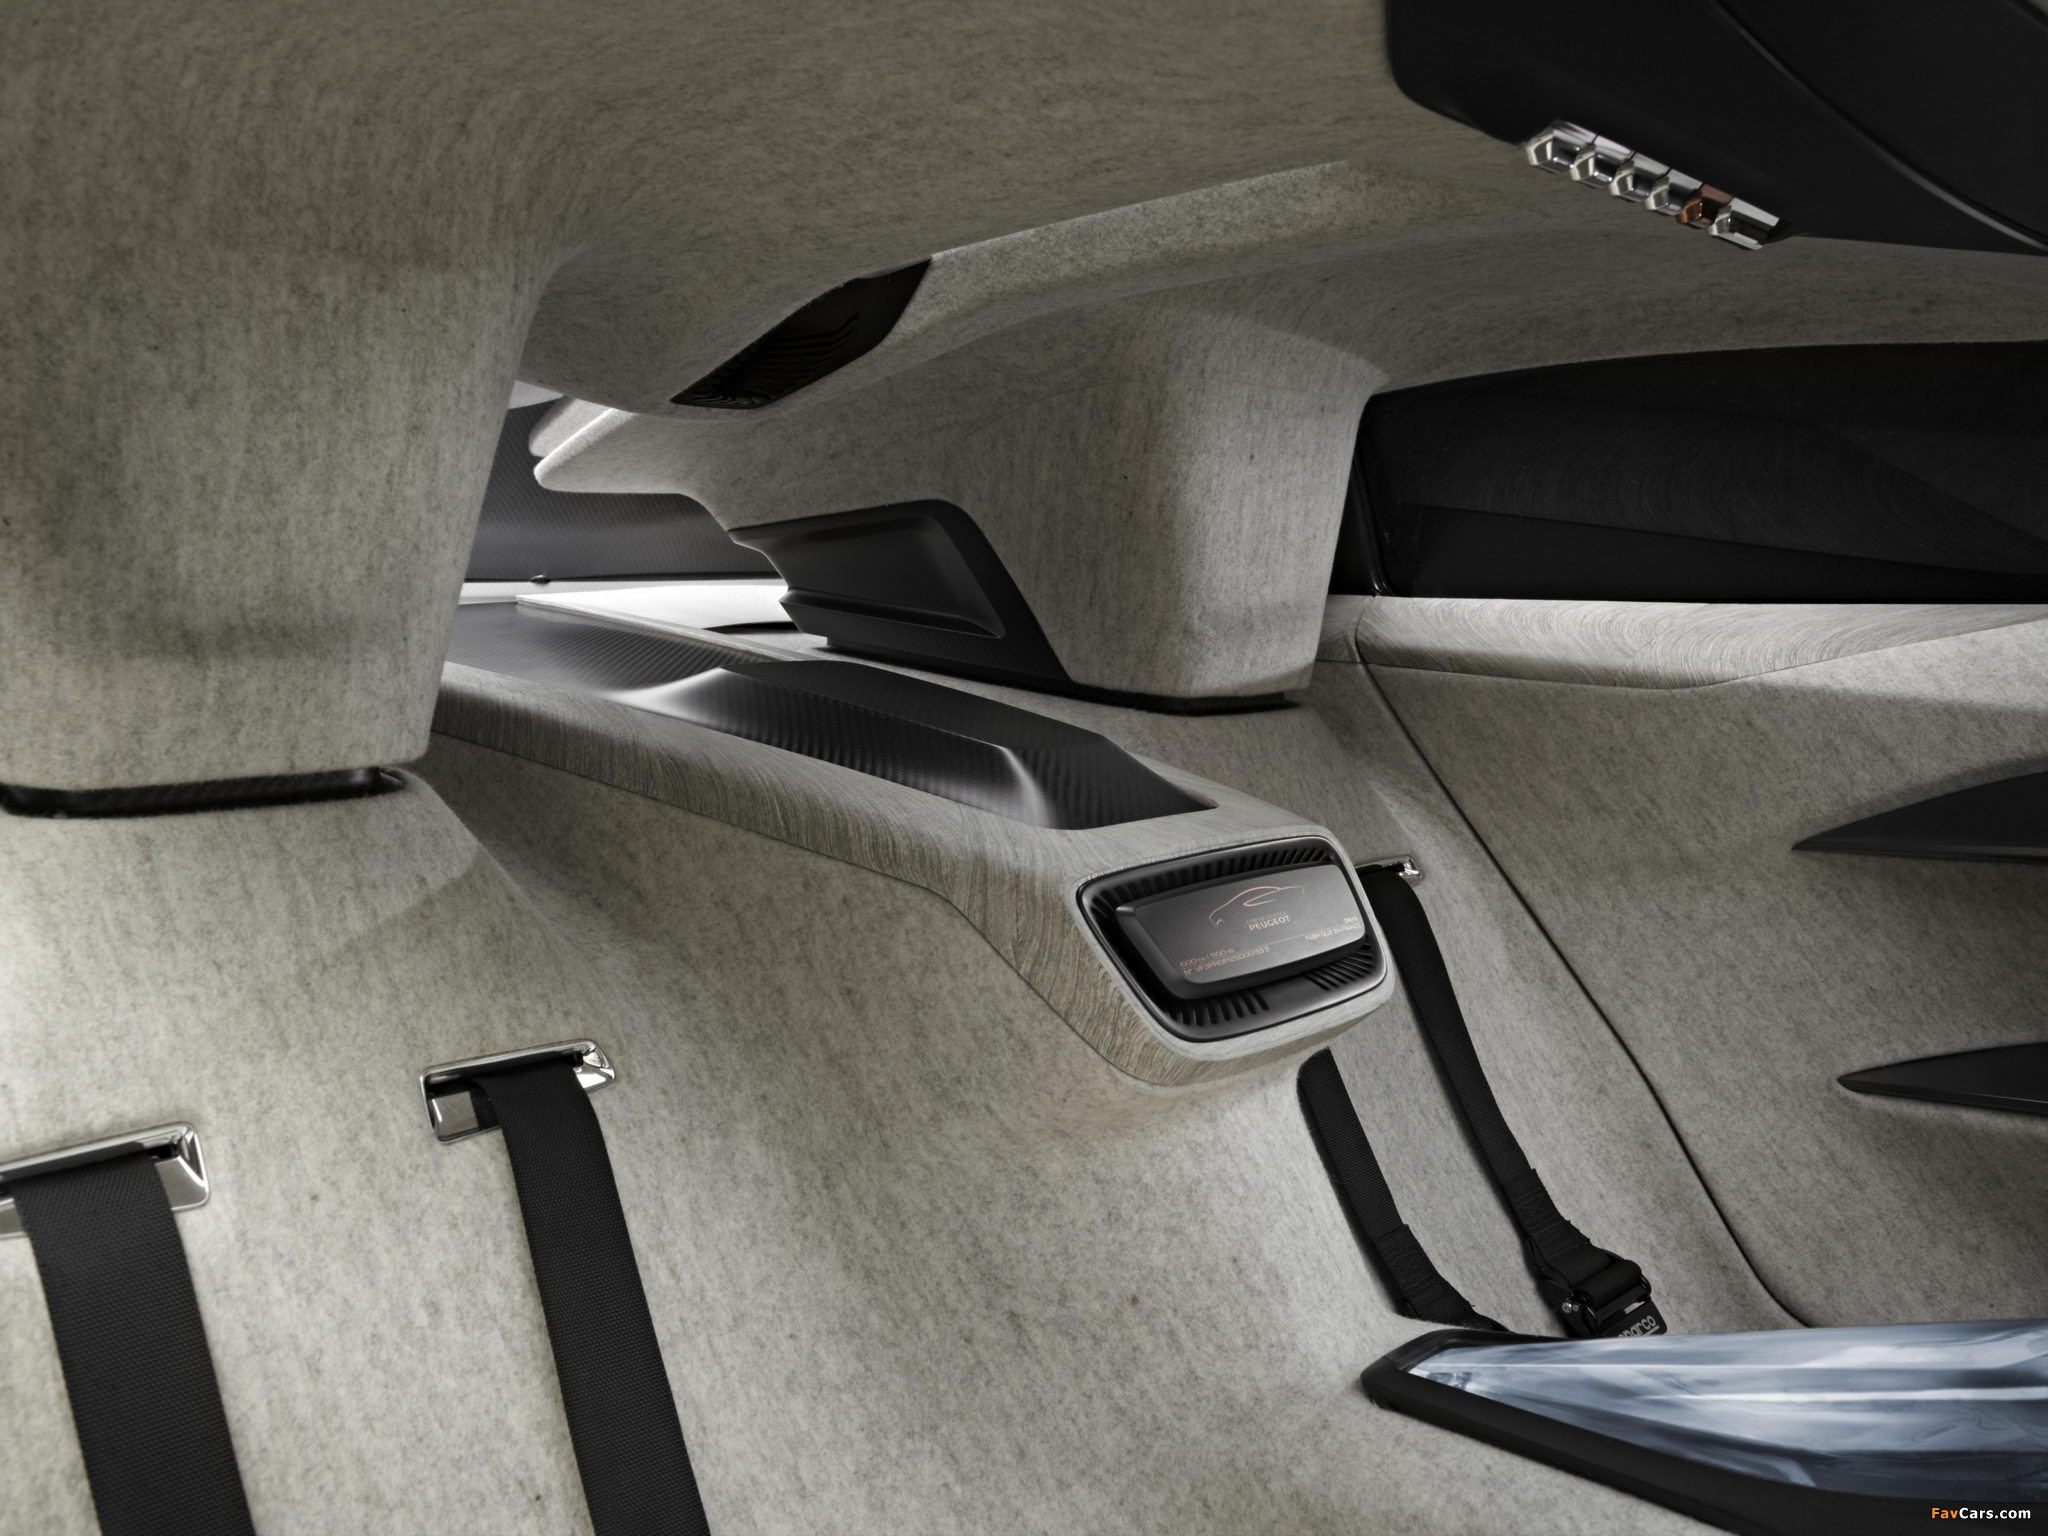 Peugeot Onyx Concept 2012 images (2048 x 1536)